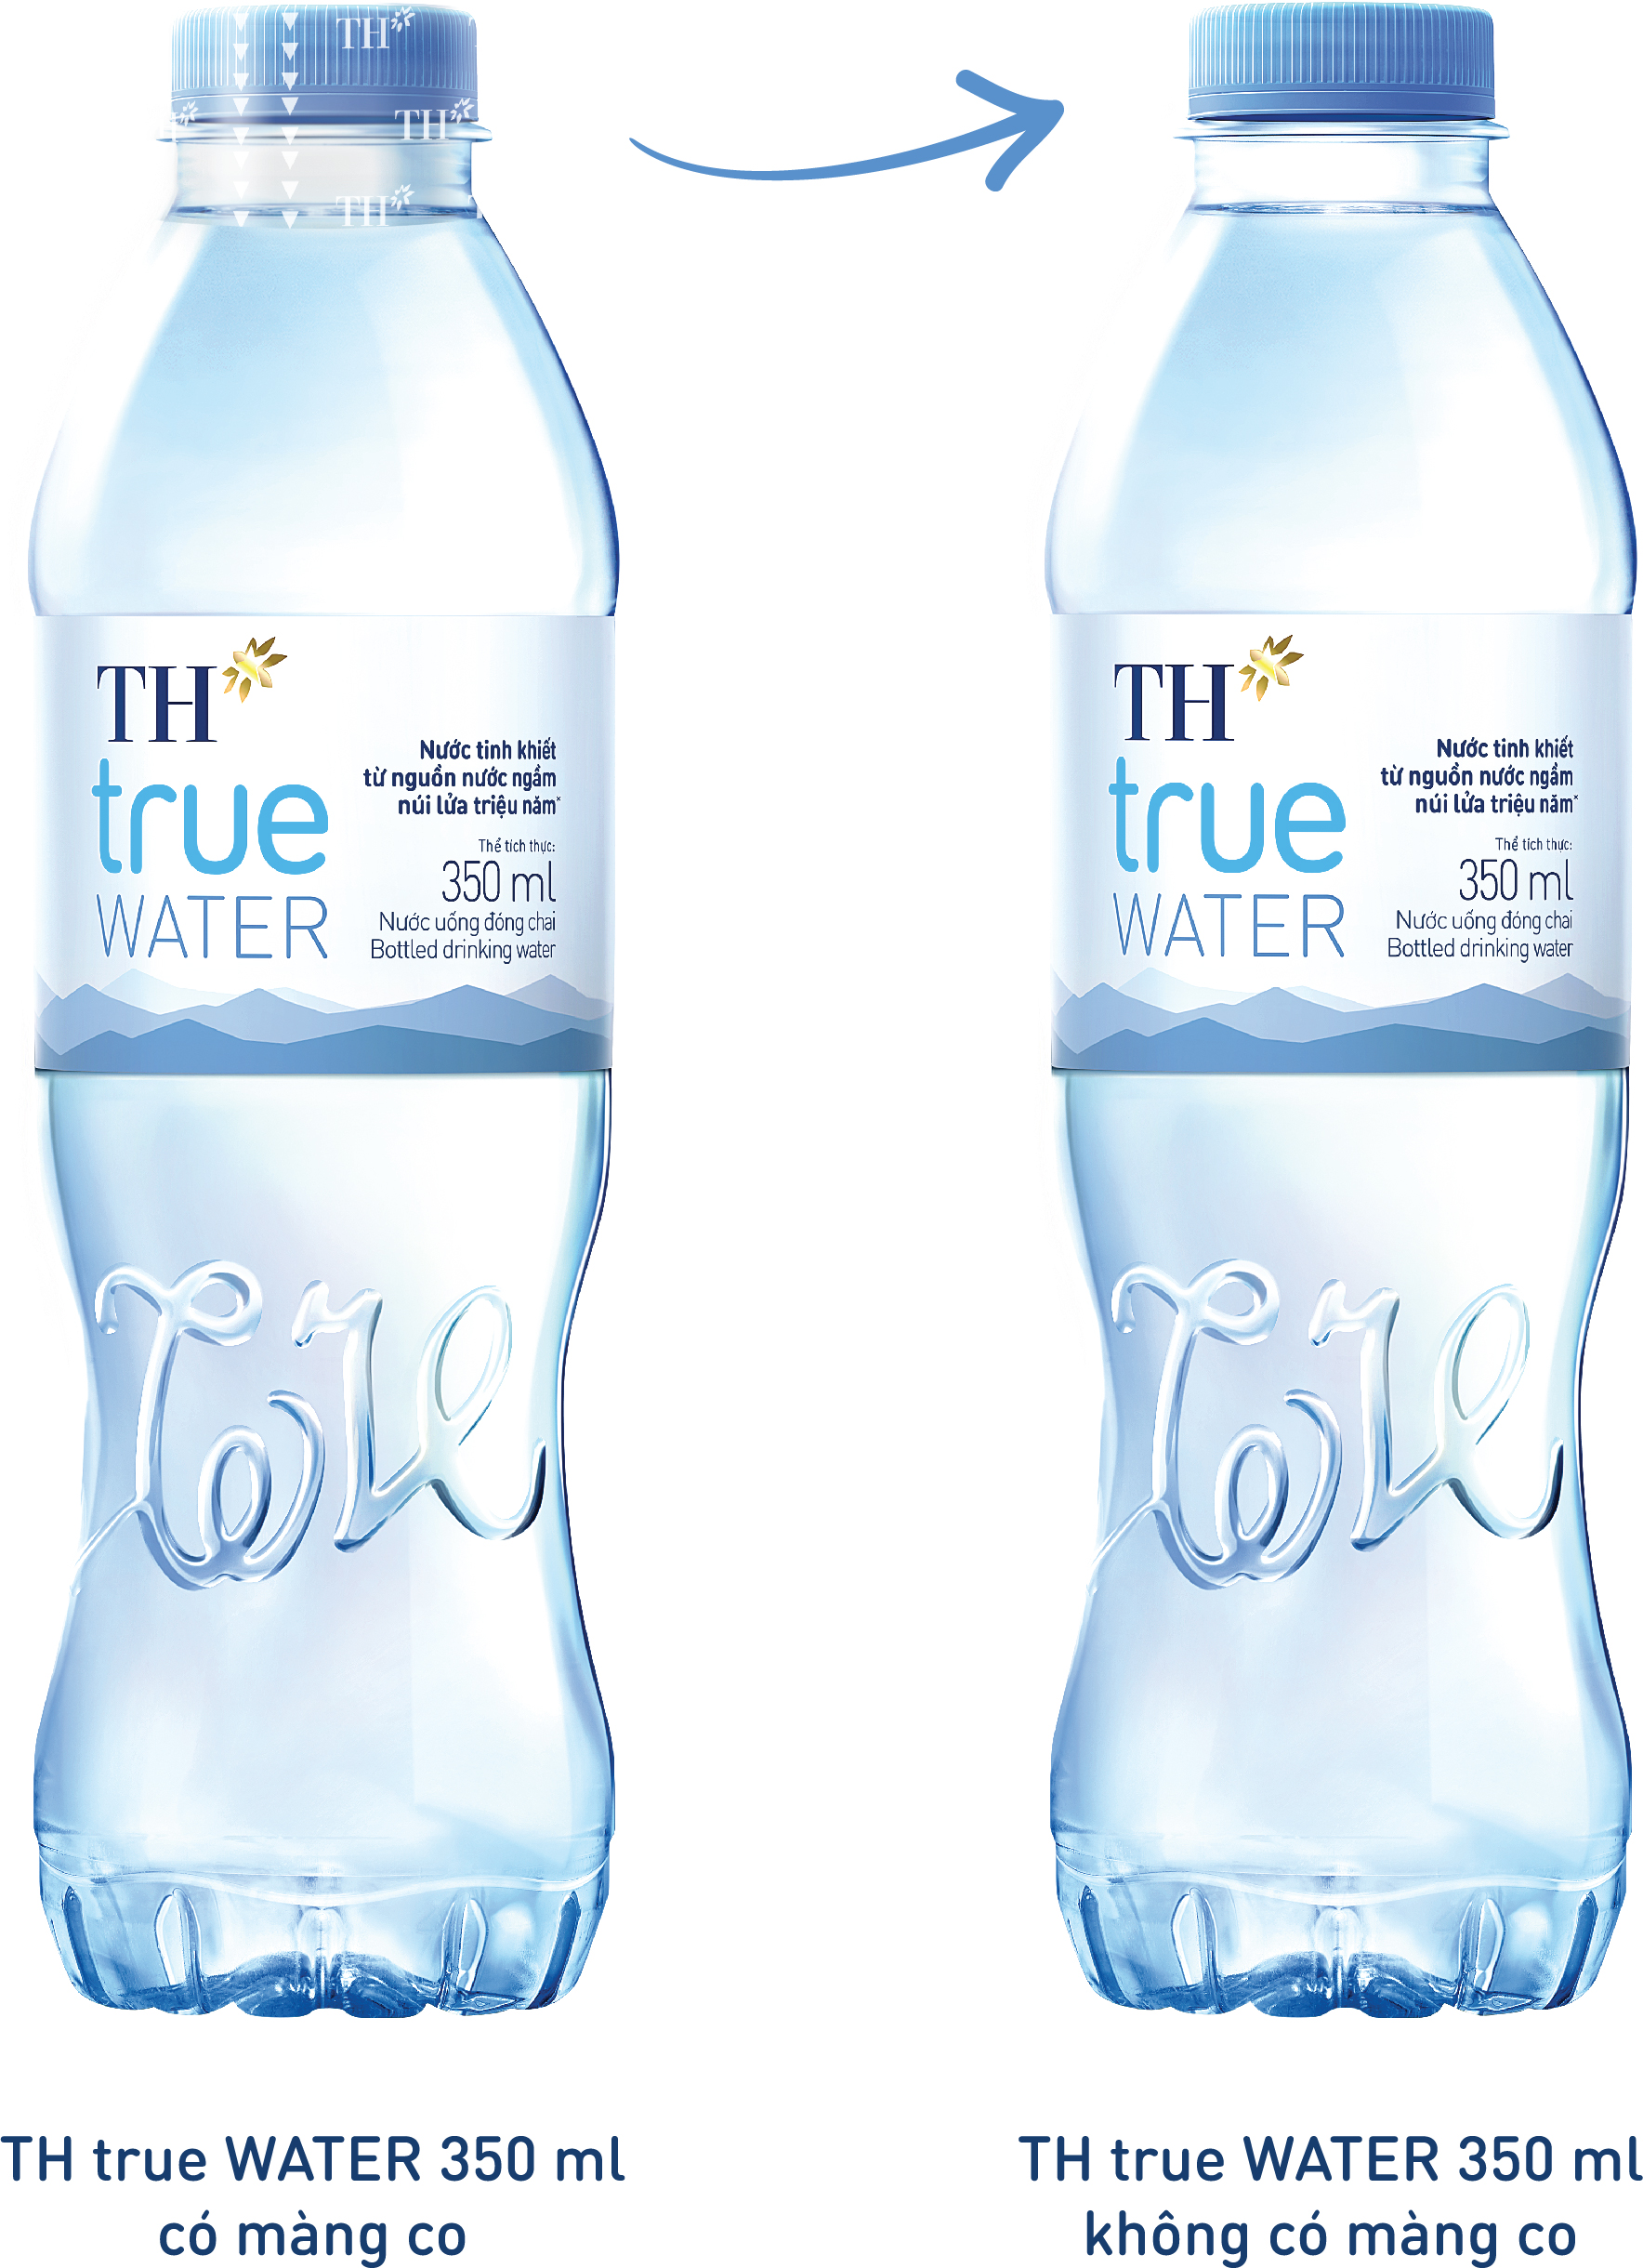 Từ tháng 02/2021TH ngưng sử dụng màng co nắp chai đối với sản phẩm TH true WATER 350 ml nhằm góp phần bảo vệ môi trường